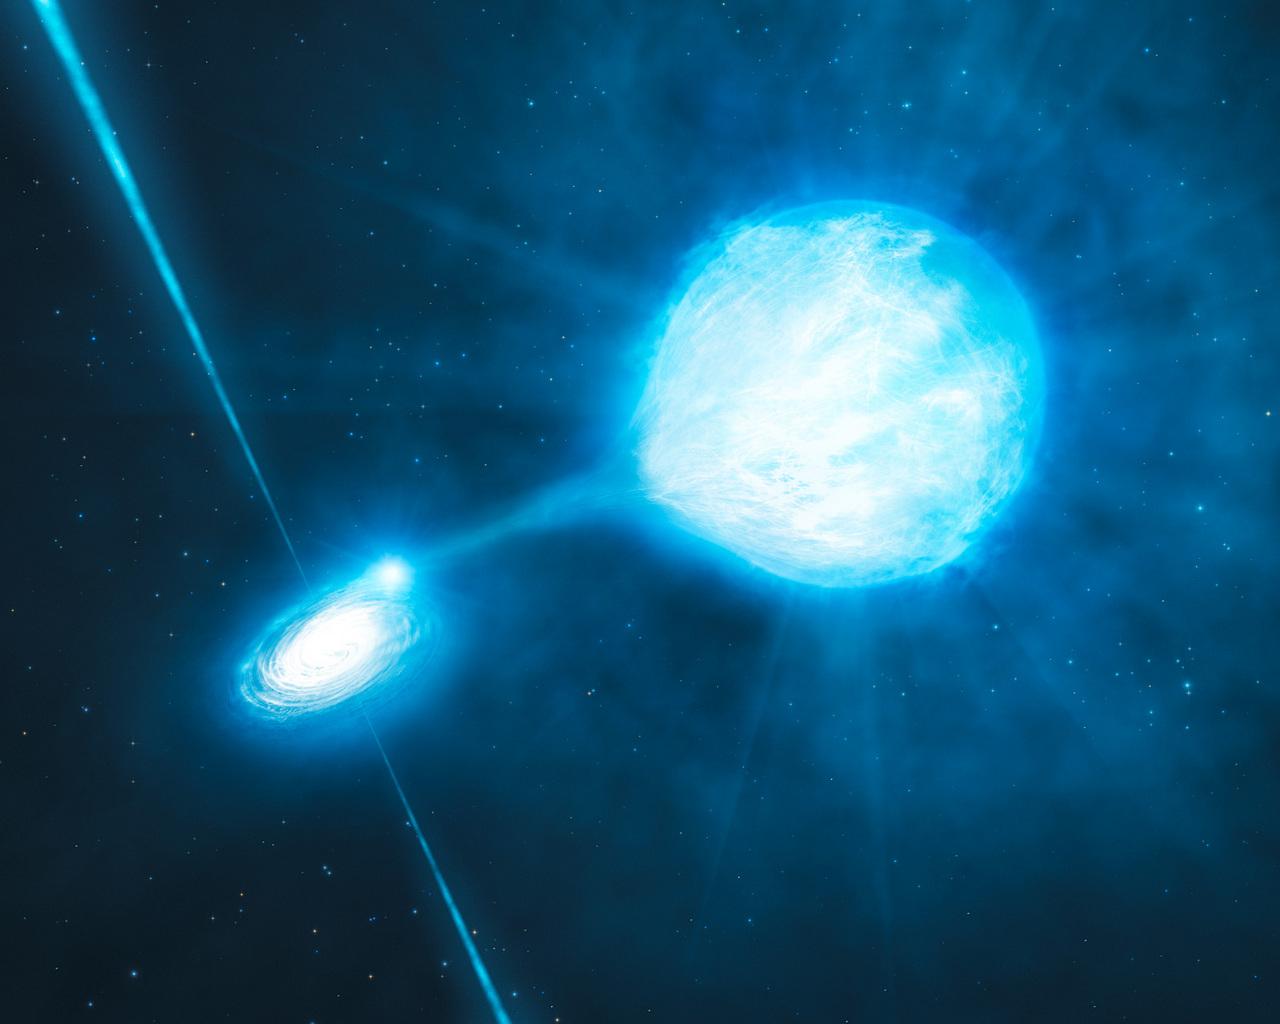 Черная дыра от старшей звезды WR перетягивает вещество от соседа, превращая его в звезду Вольфа-Райе